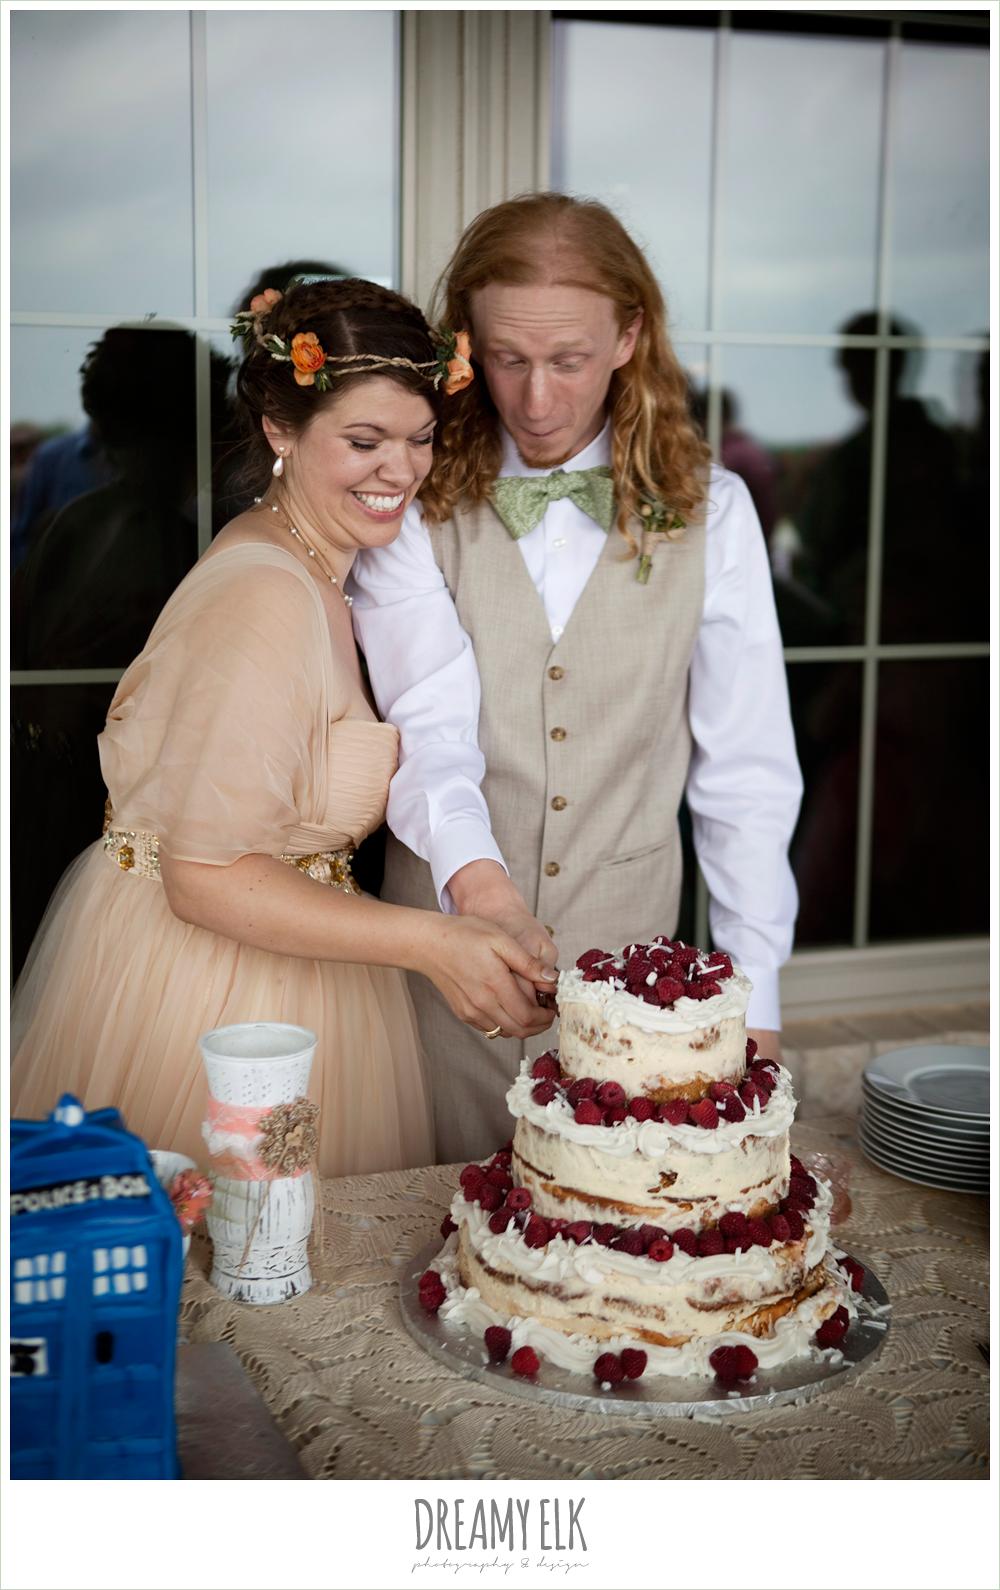 bride and groom cutting cake, raspberry cheesecake